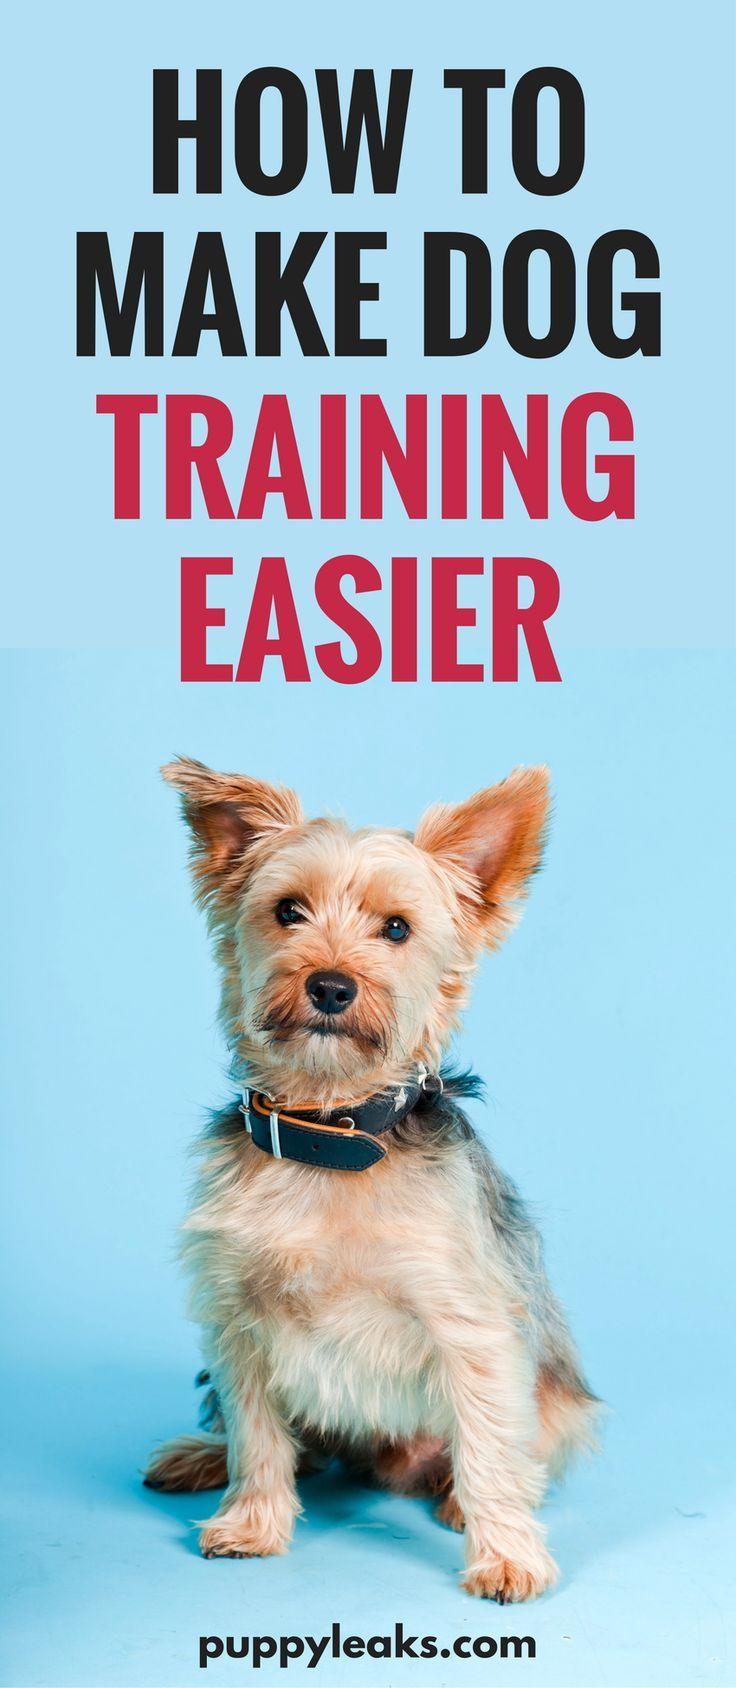 10 Tips That Make Dog Training Easier Dog Behavior Training